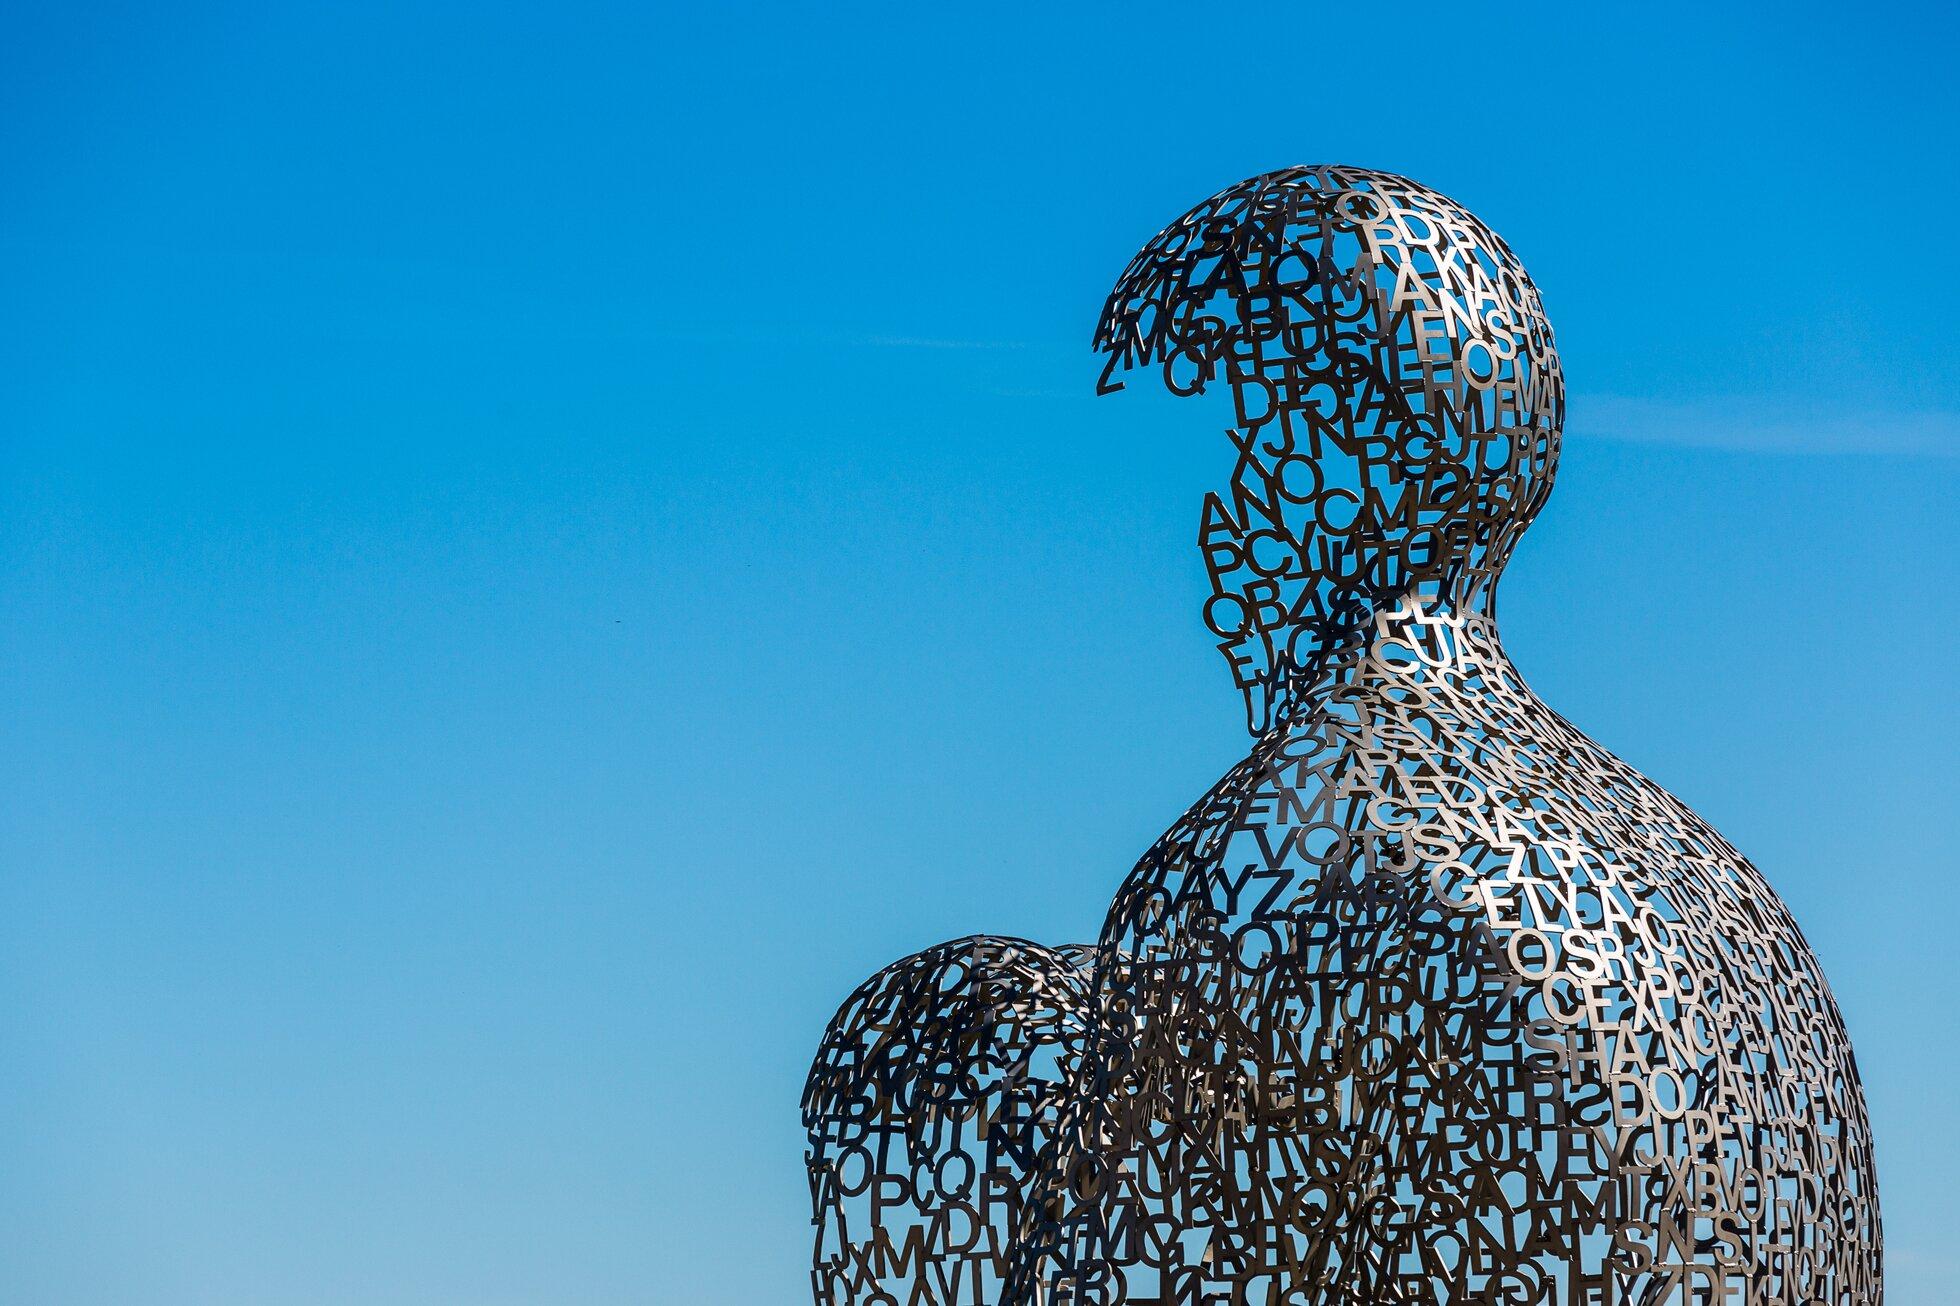 Dom Wiedzy Źródło: Jaume Plensa, Adrien Sifre (fot.), Dom Wiedzy, rzeźba/fotografia barwna, licencja: CC BY-NC-ND 2.0.